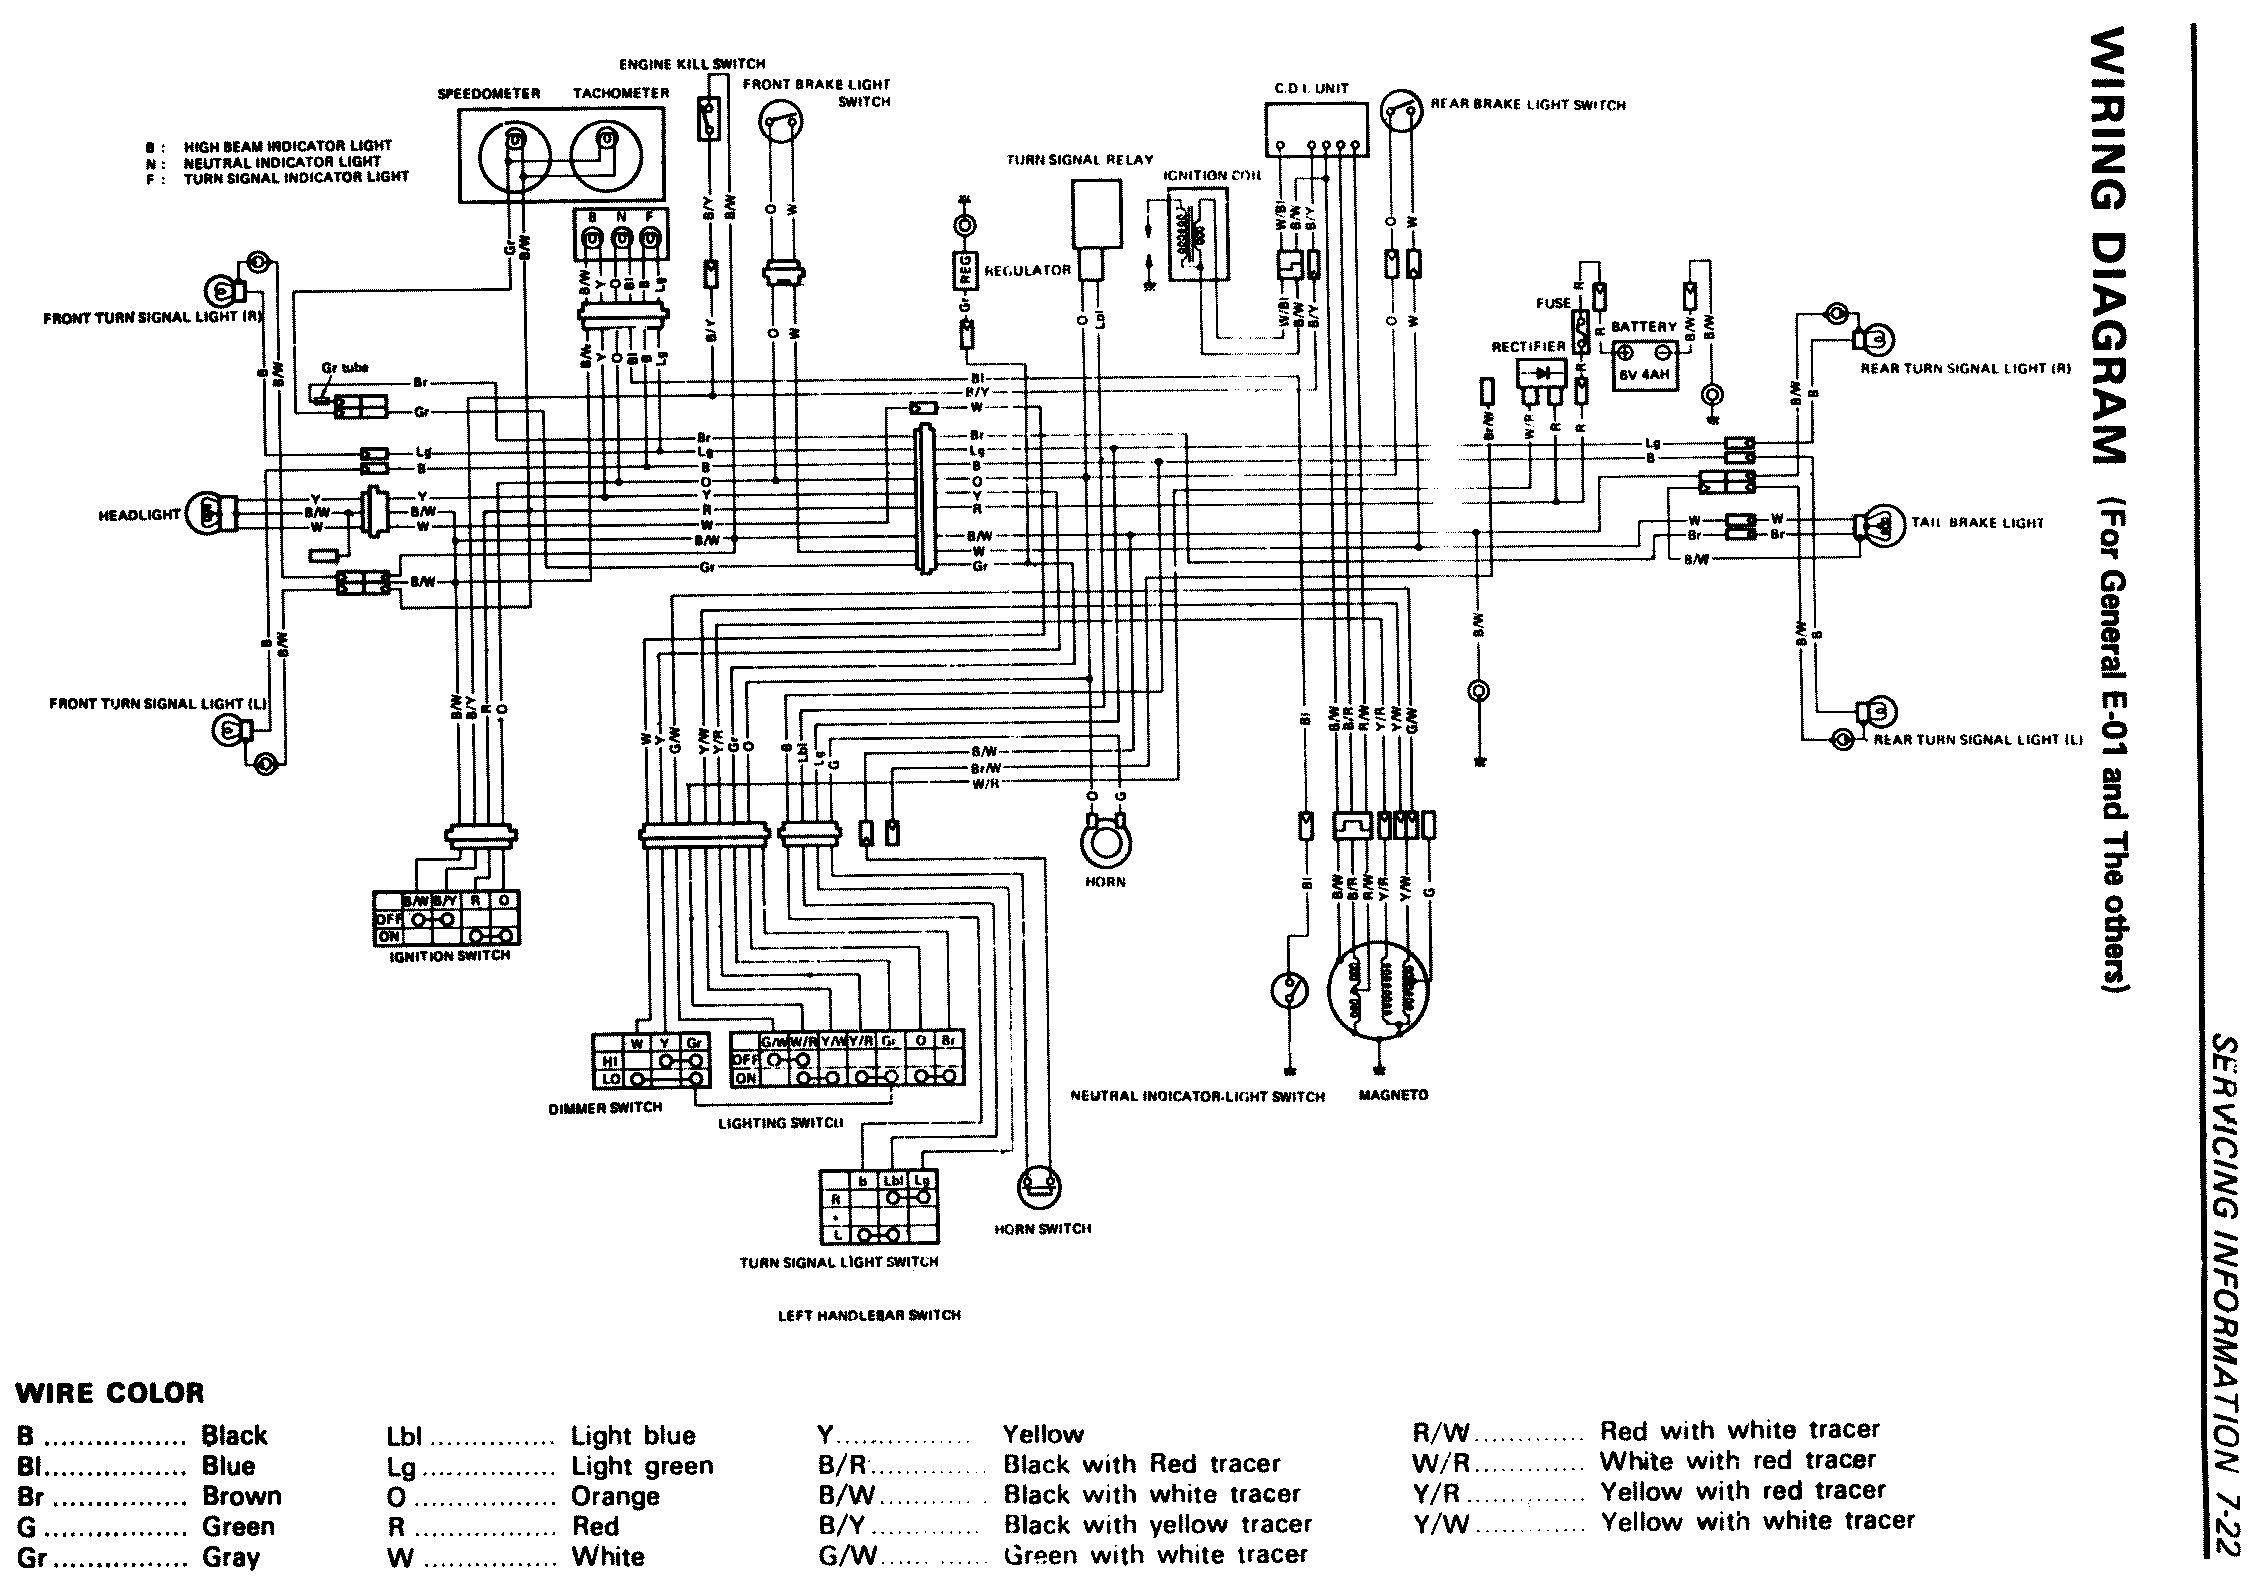 VW_9083] Suzuki Lt230 1987 Eh Cylinder Head Schematic Partsfiche Wiring  DiagramXolia Umng Mohammedshrine Librar Wiring 101